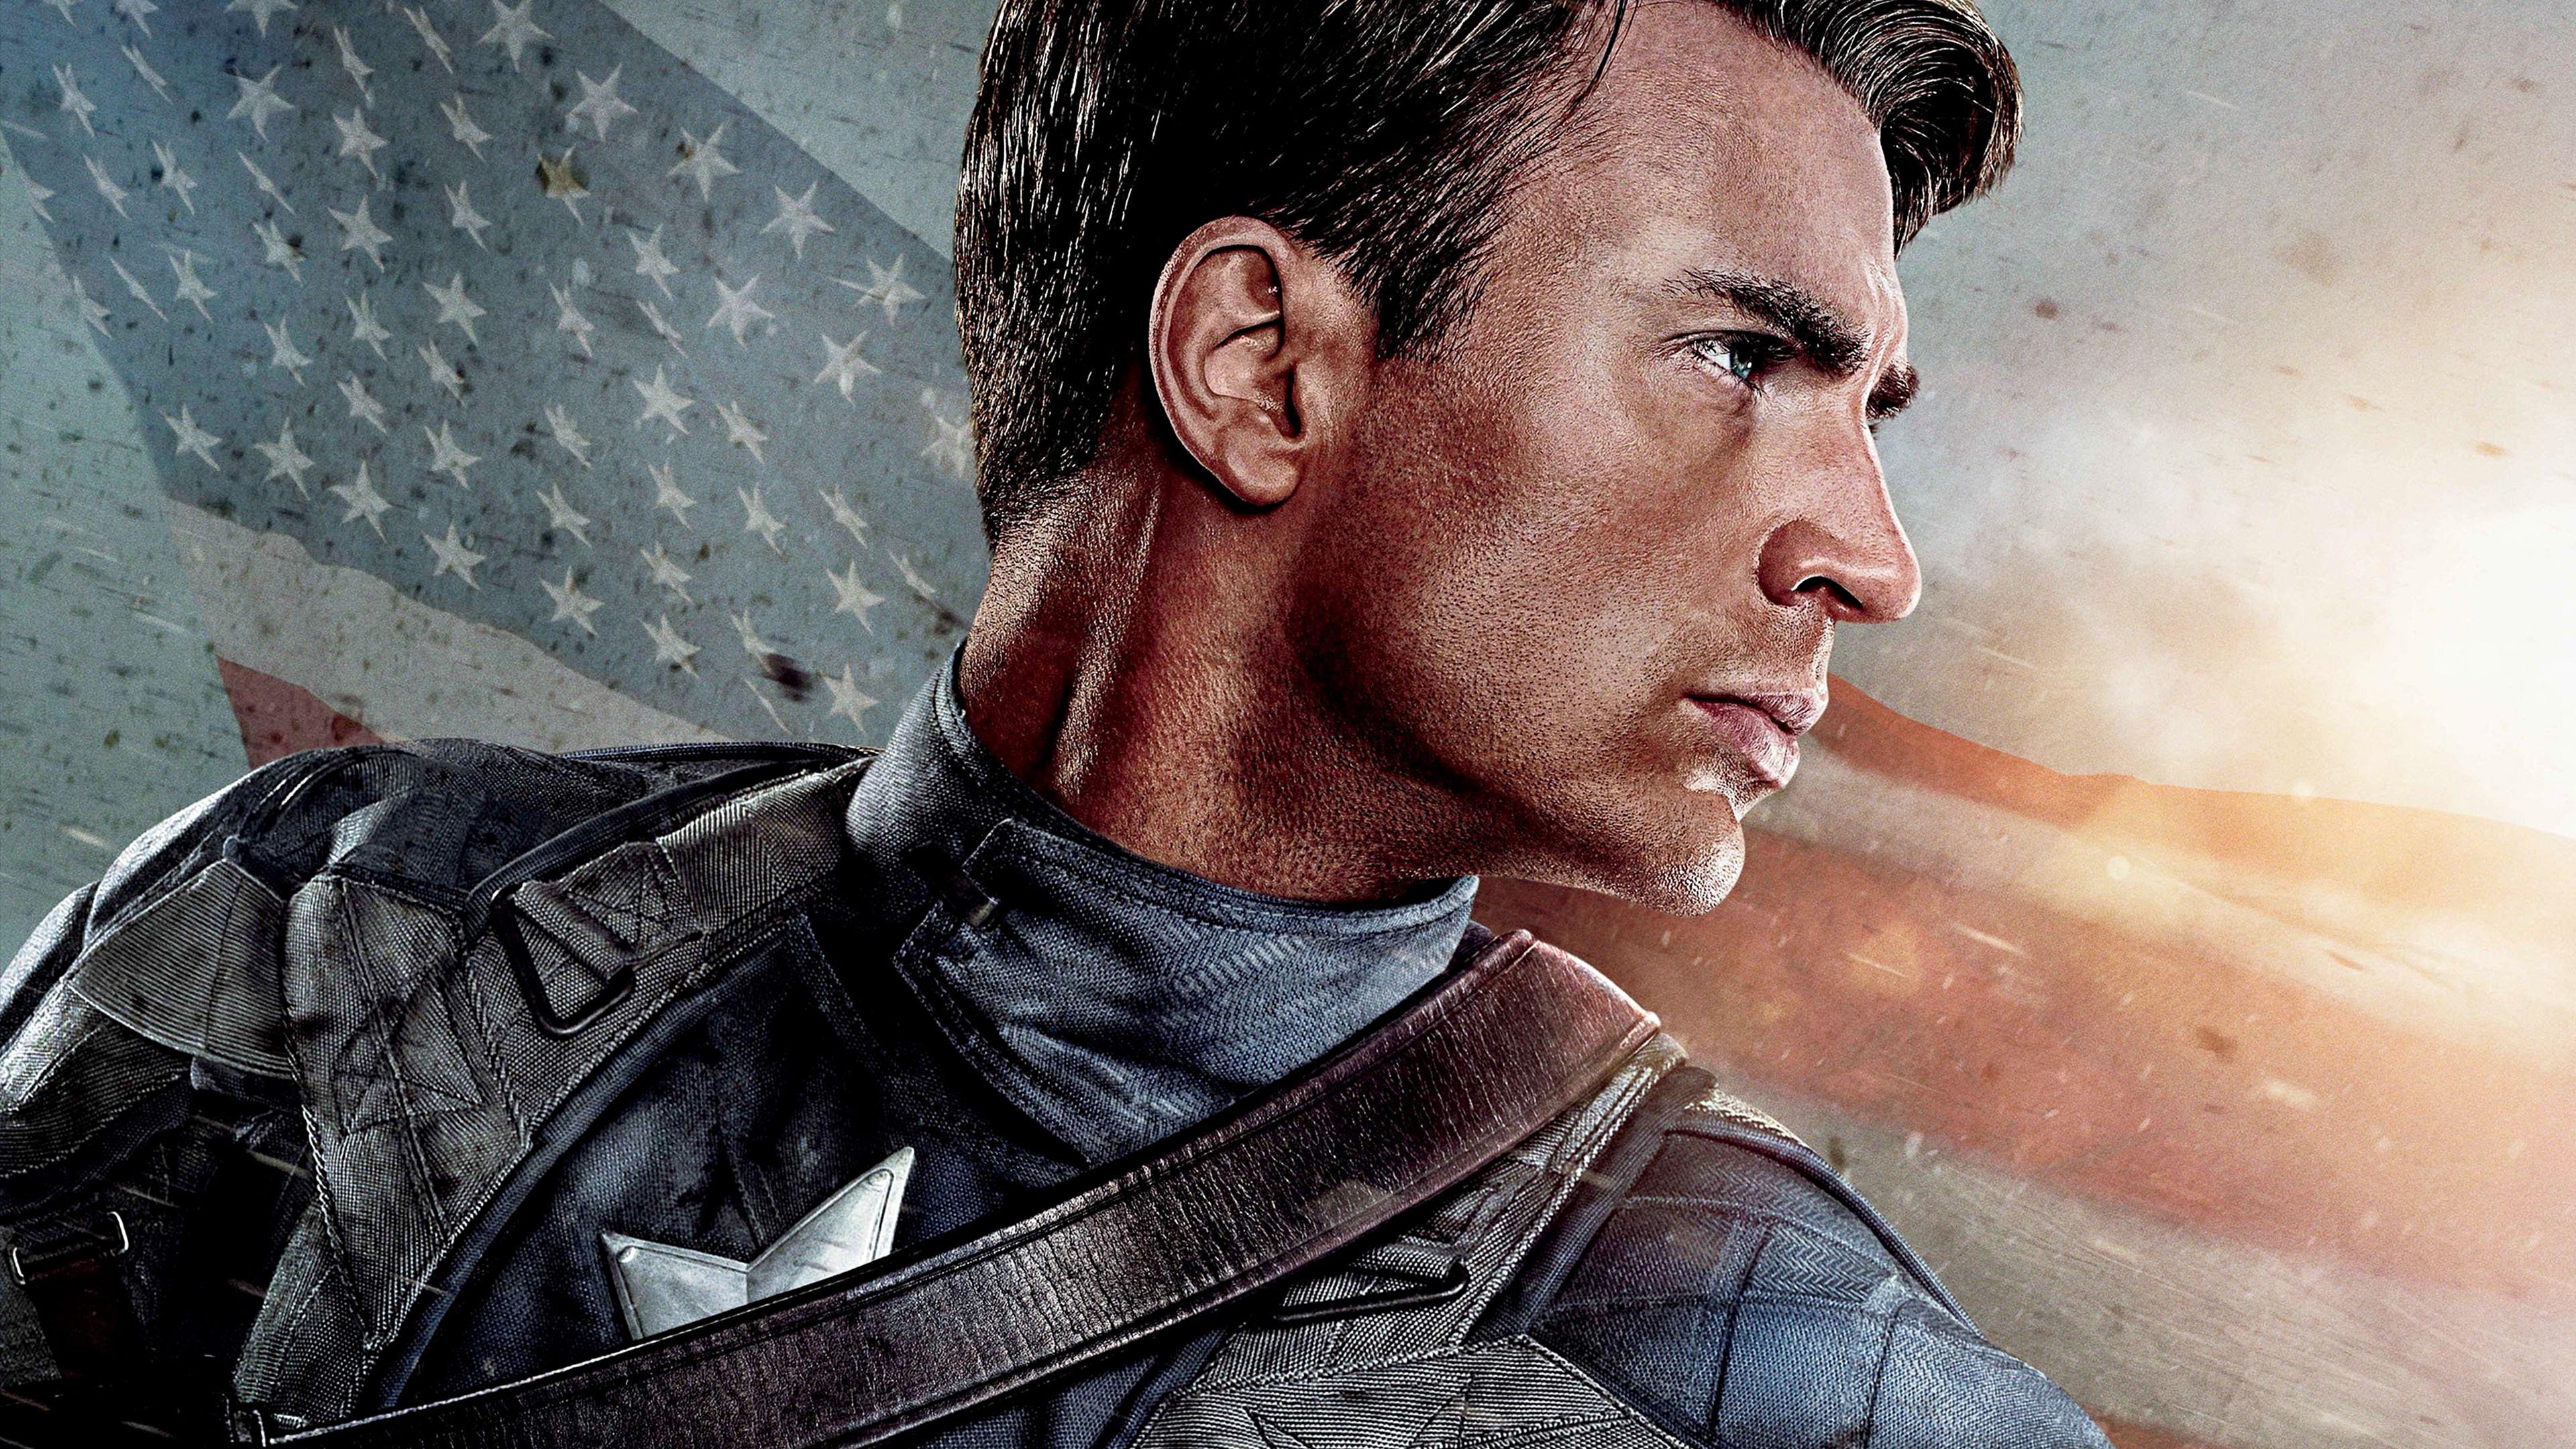 captain america the first avenger 1582152053 - Captain America The First Avenger - Captain America The First Avenger wallpapers, Captain America The First Avenger 4k wallpapers